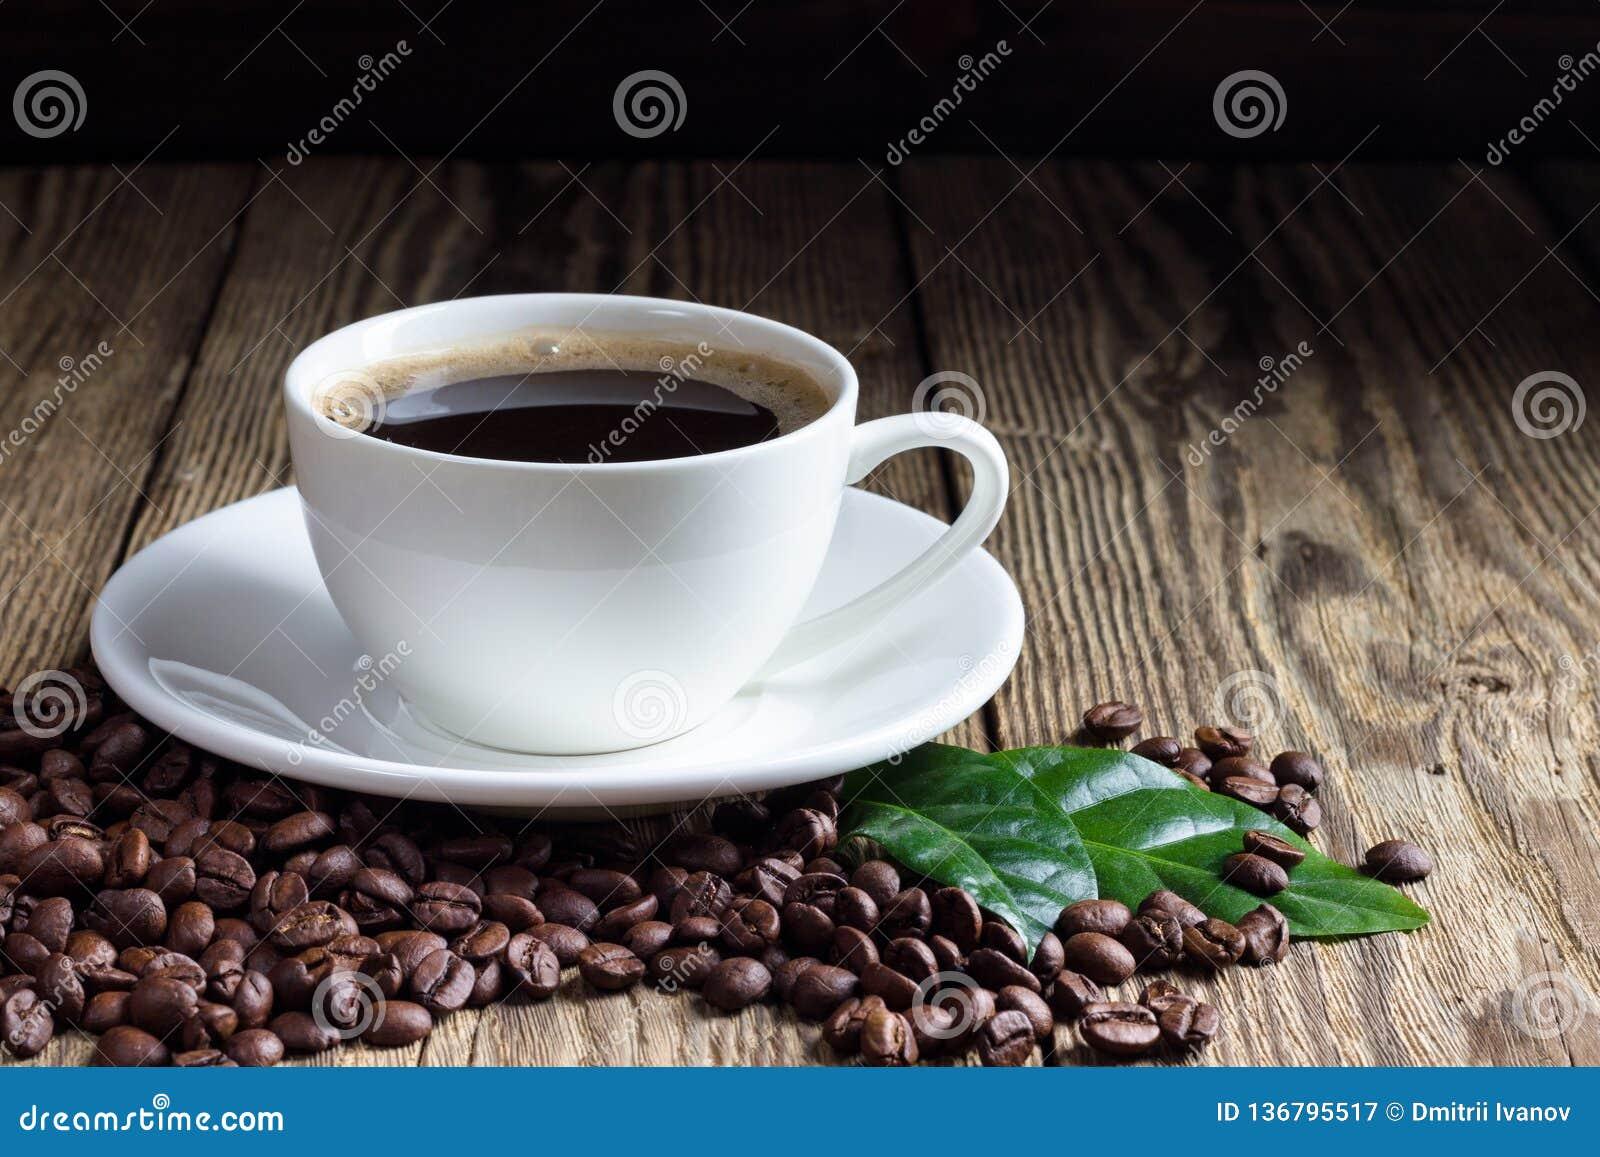 Kop van koffie met koffiebonen